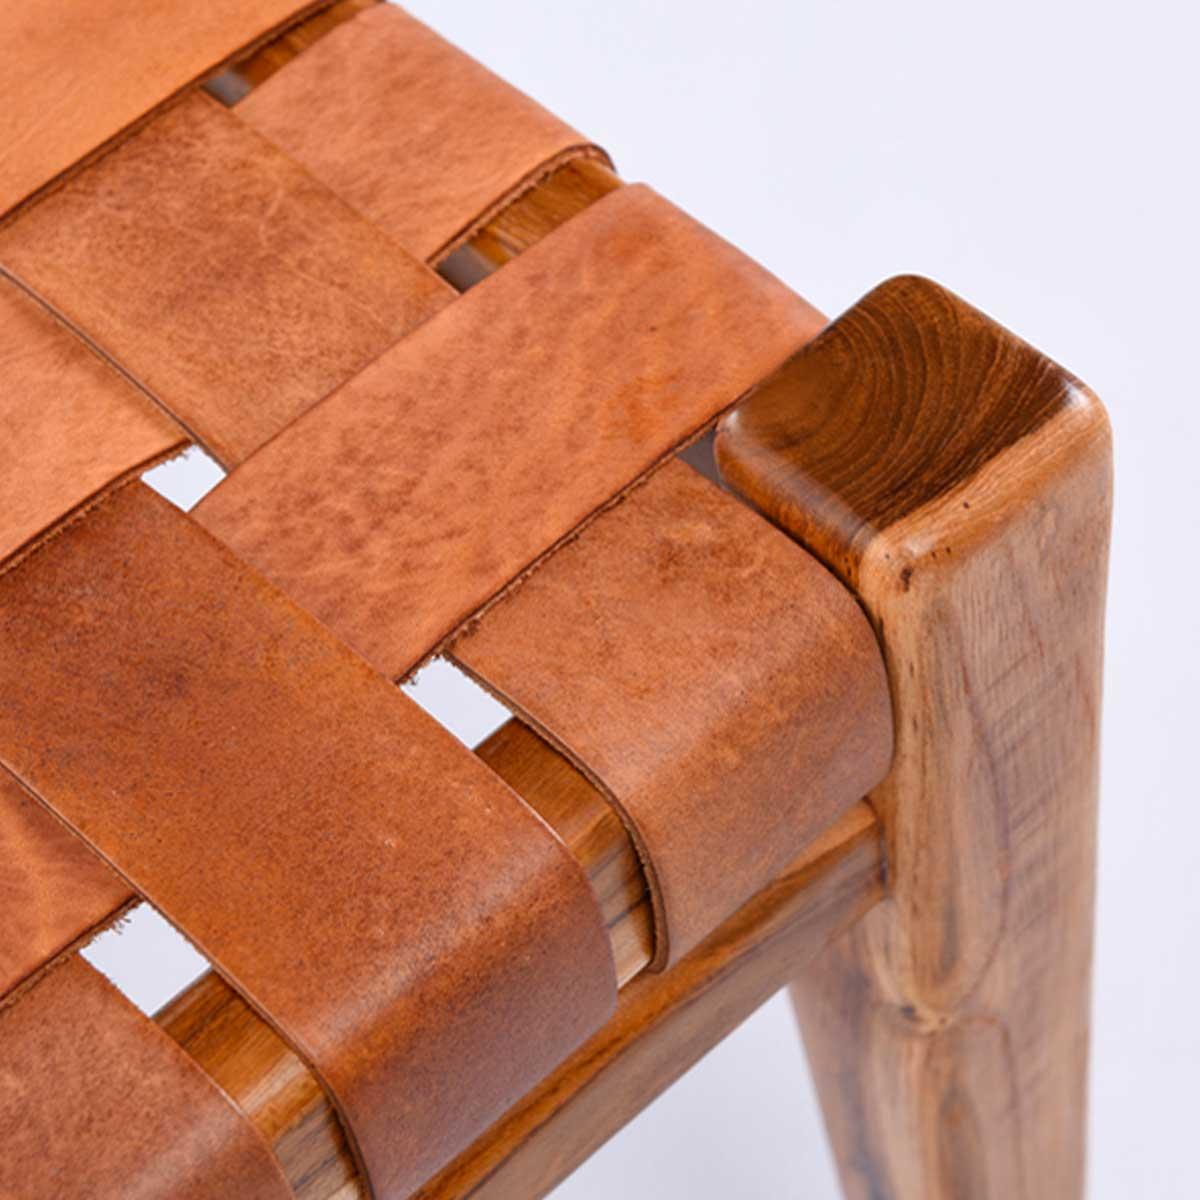 Falch & Frische benk med skinnsete detaljer